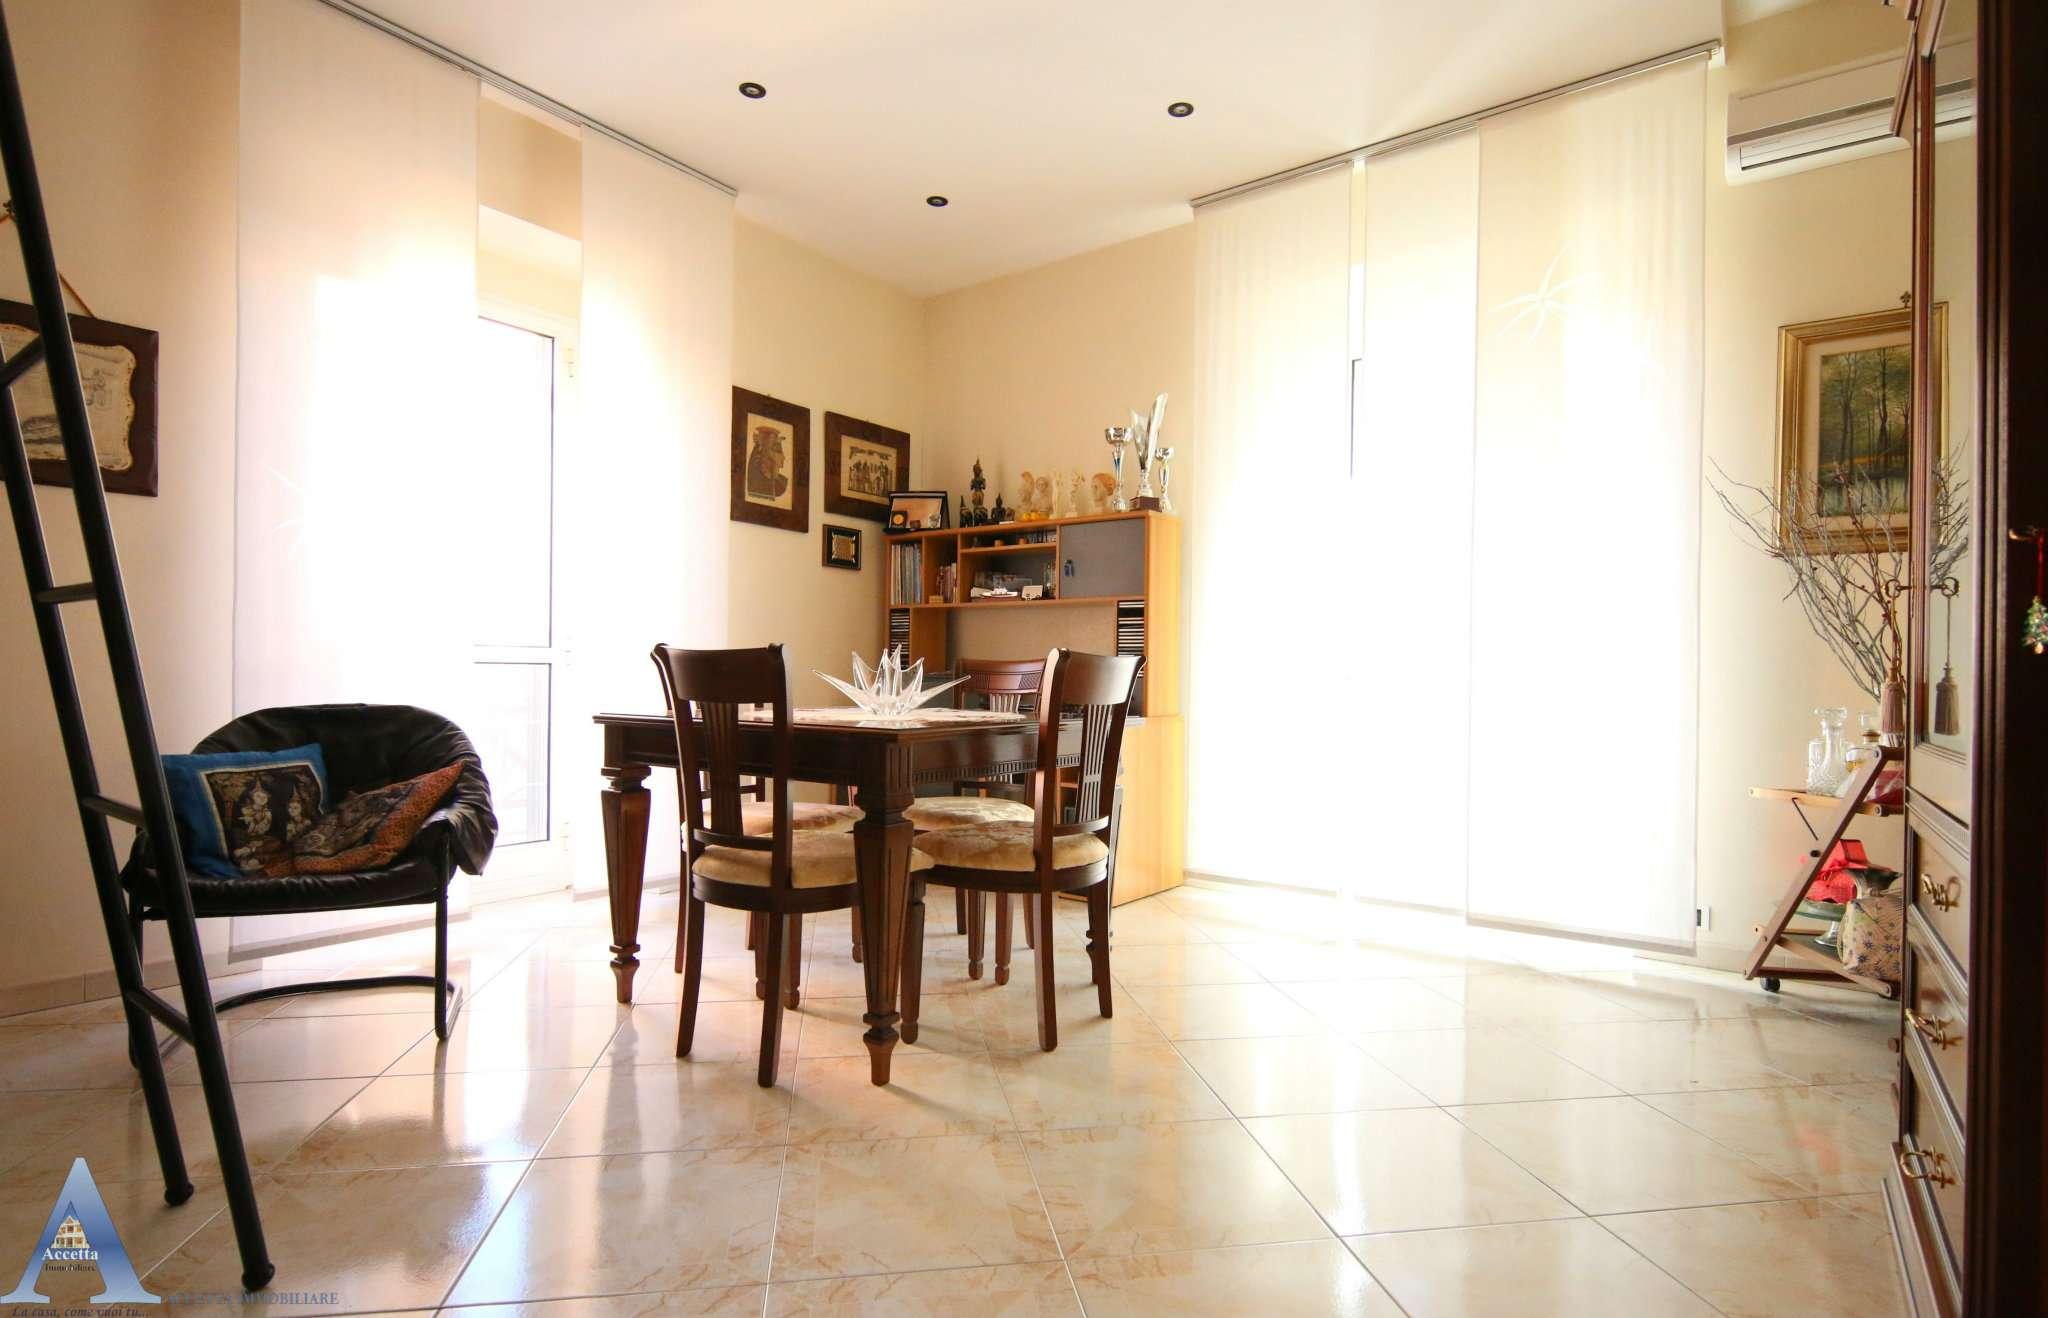 Appartamento in vendita a Taranto, 3 locali, prezzo € 69.000 | CambioCasa.it